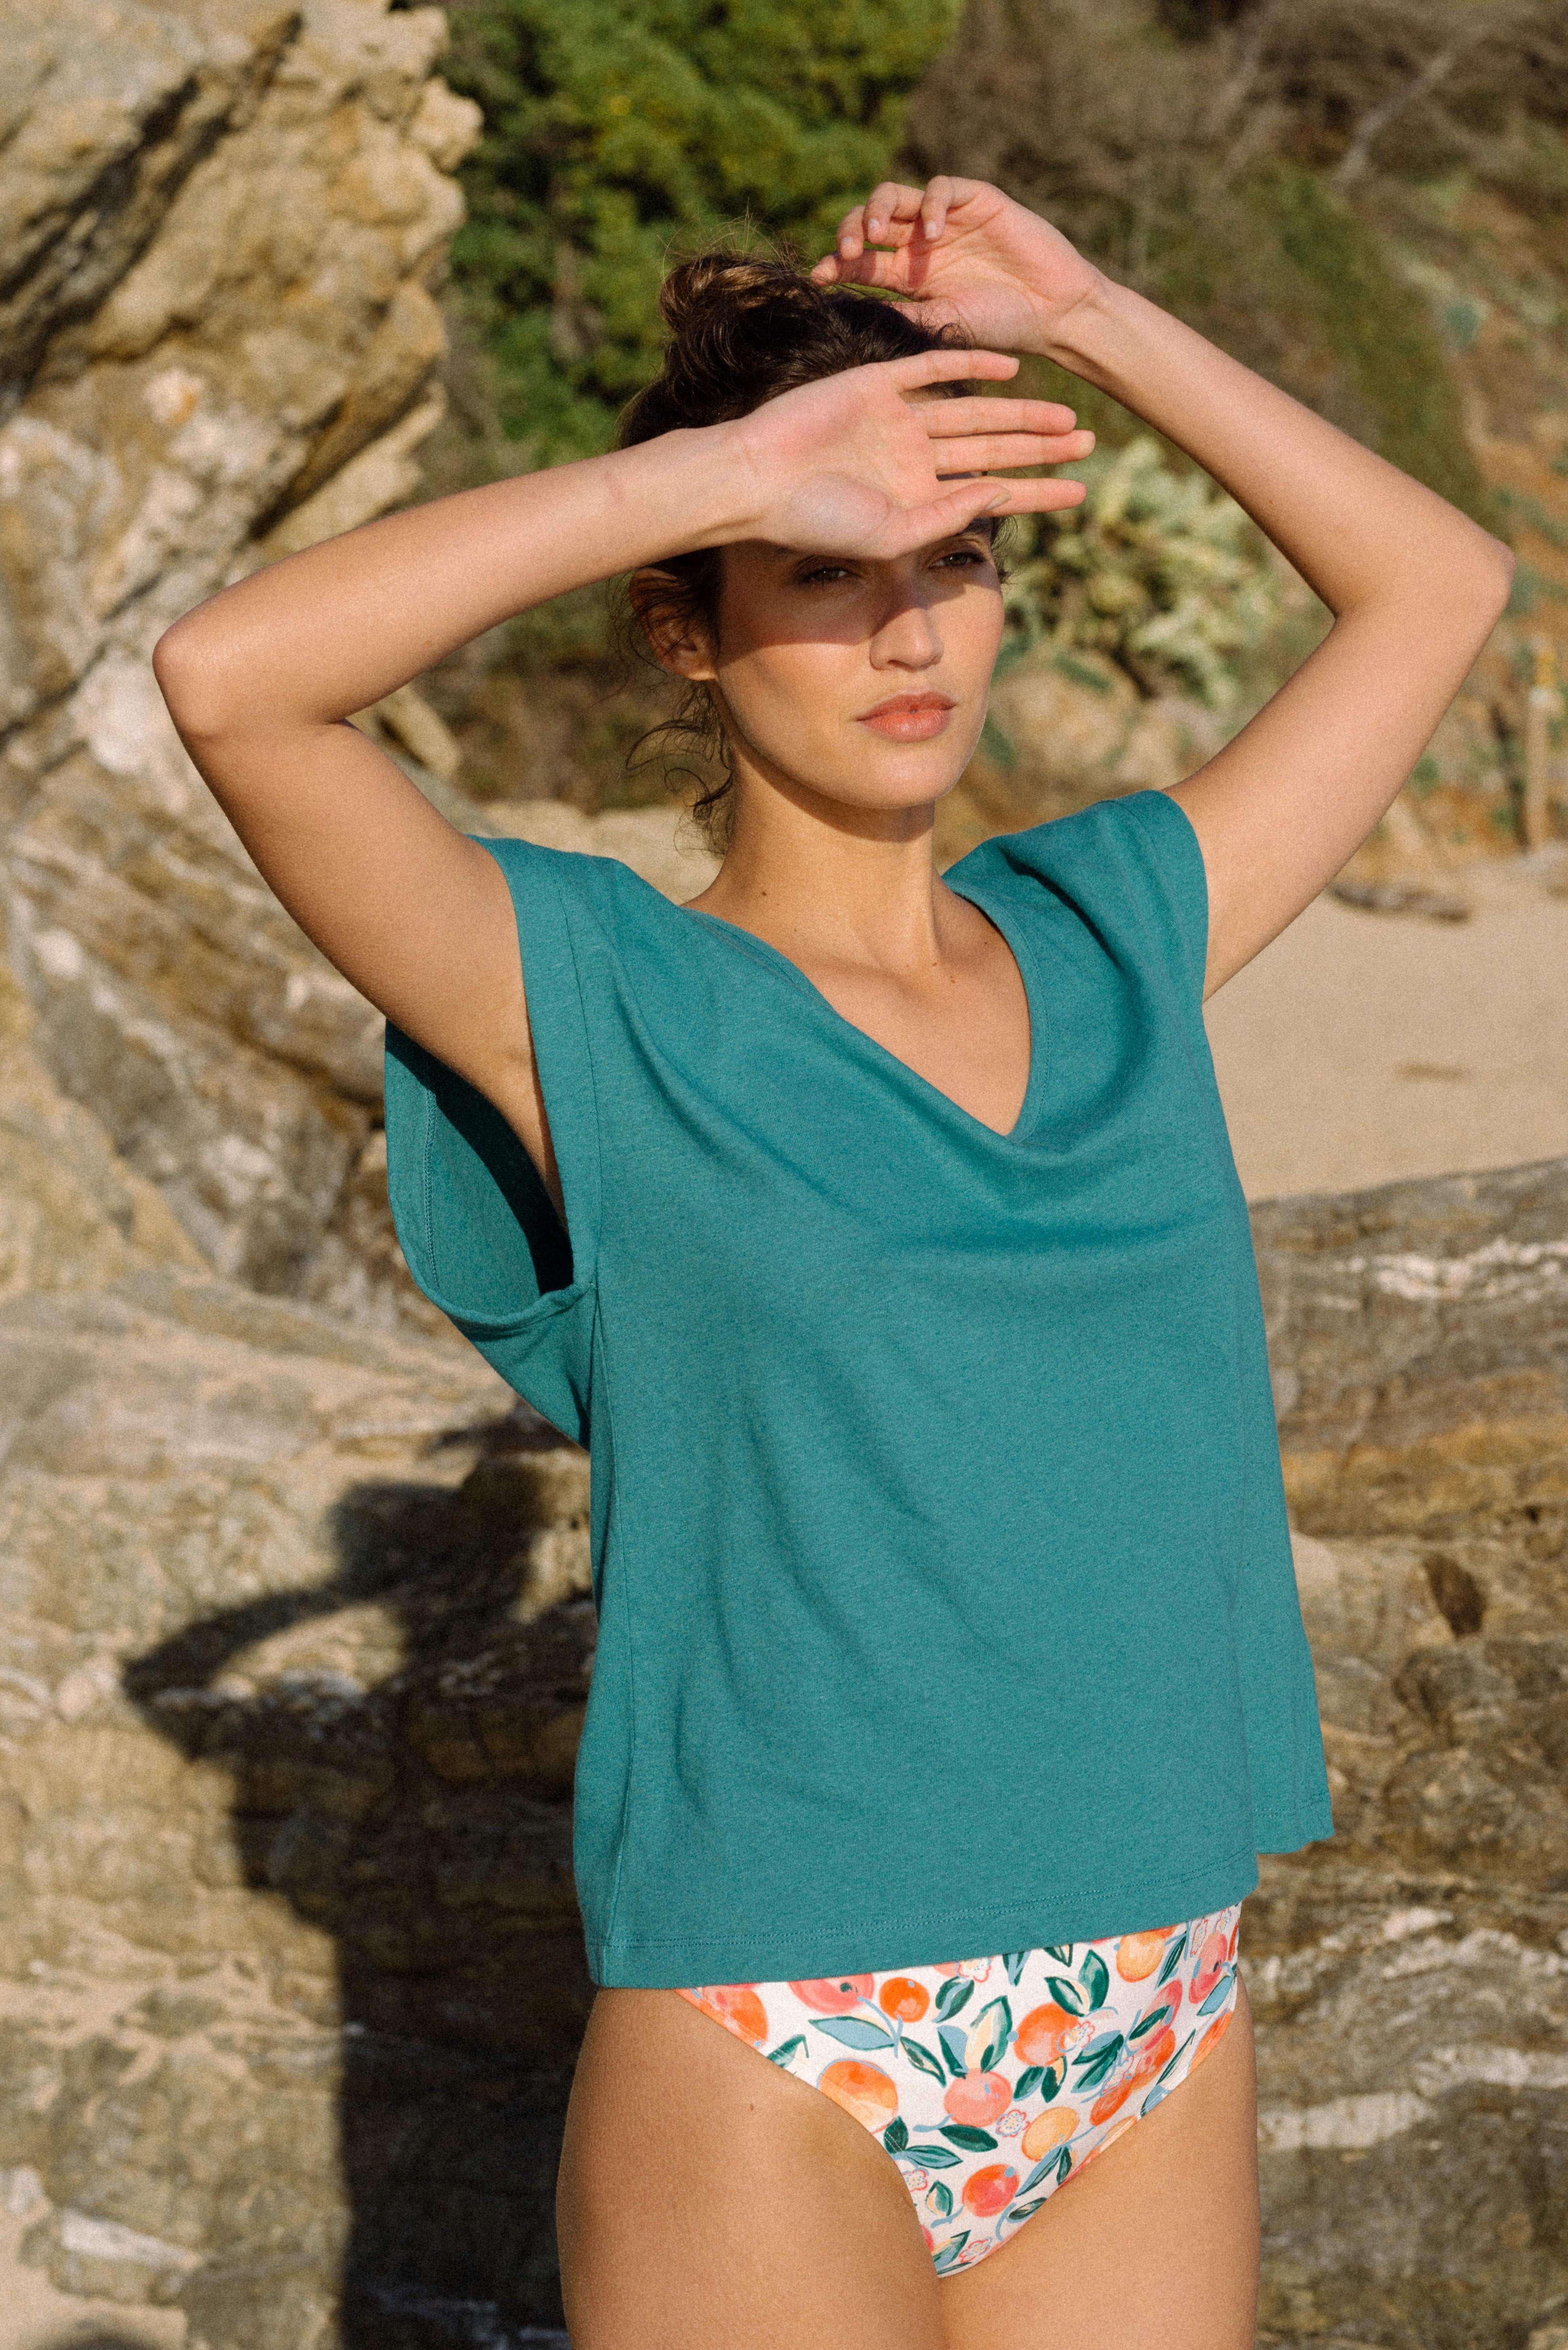 Tee-shirt Balade rêveuse in Blue lagoon